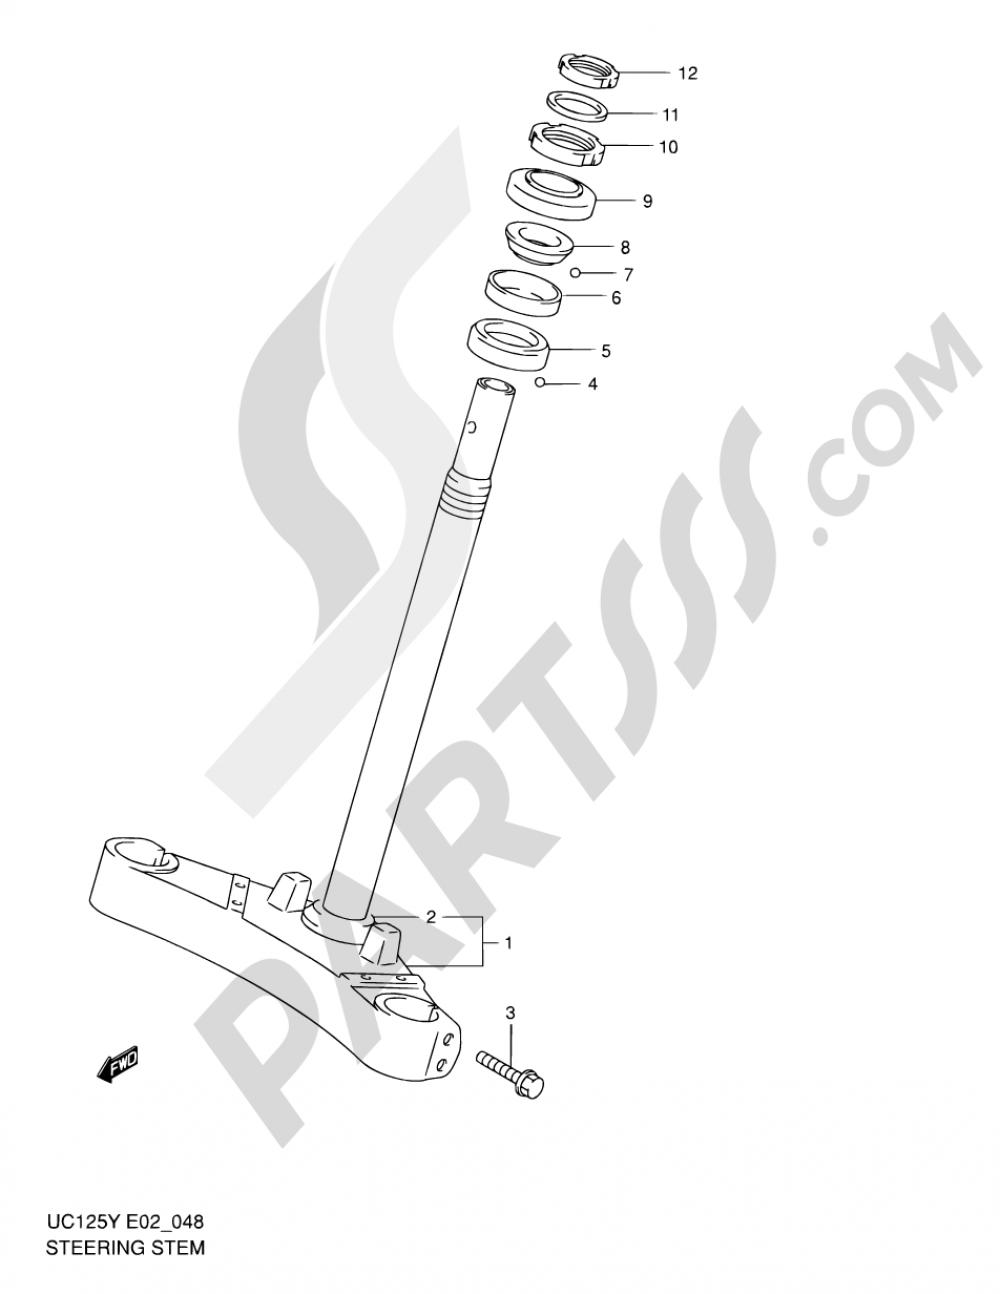 48 - STEERING STEM Suzuki EPICURO UC125 2001